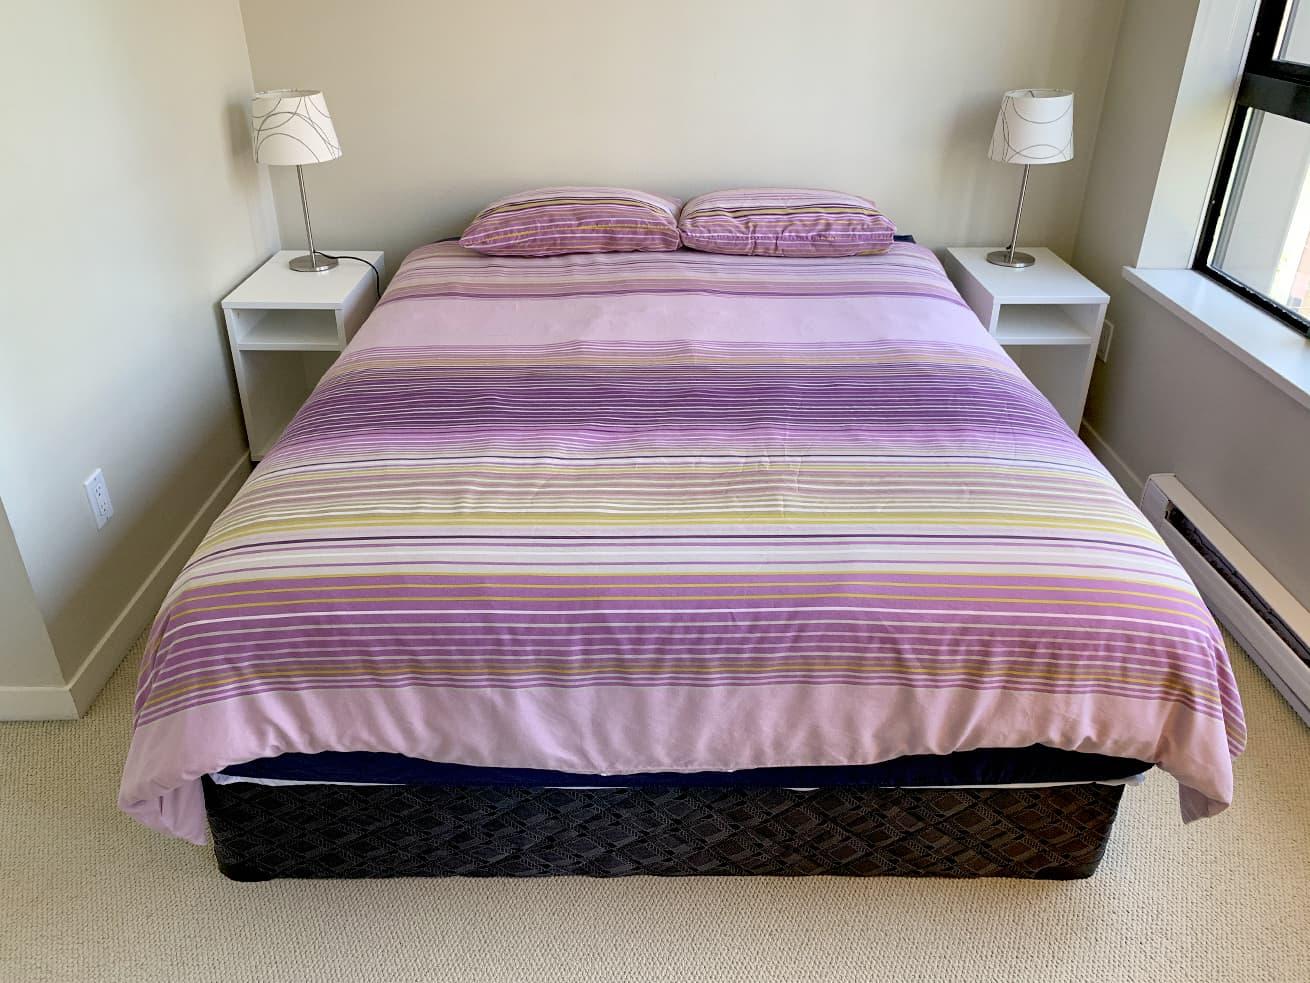 Vancouver condo rentals oscar studio sleeping area